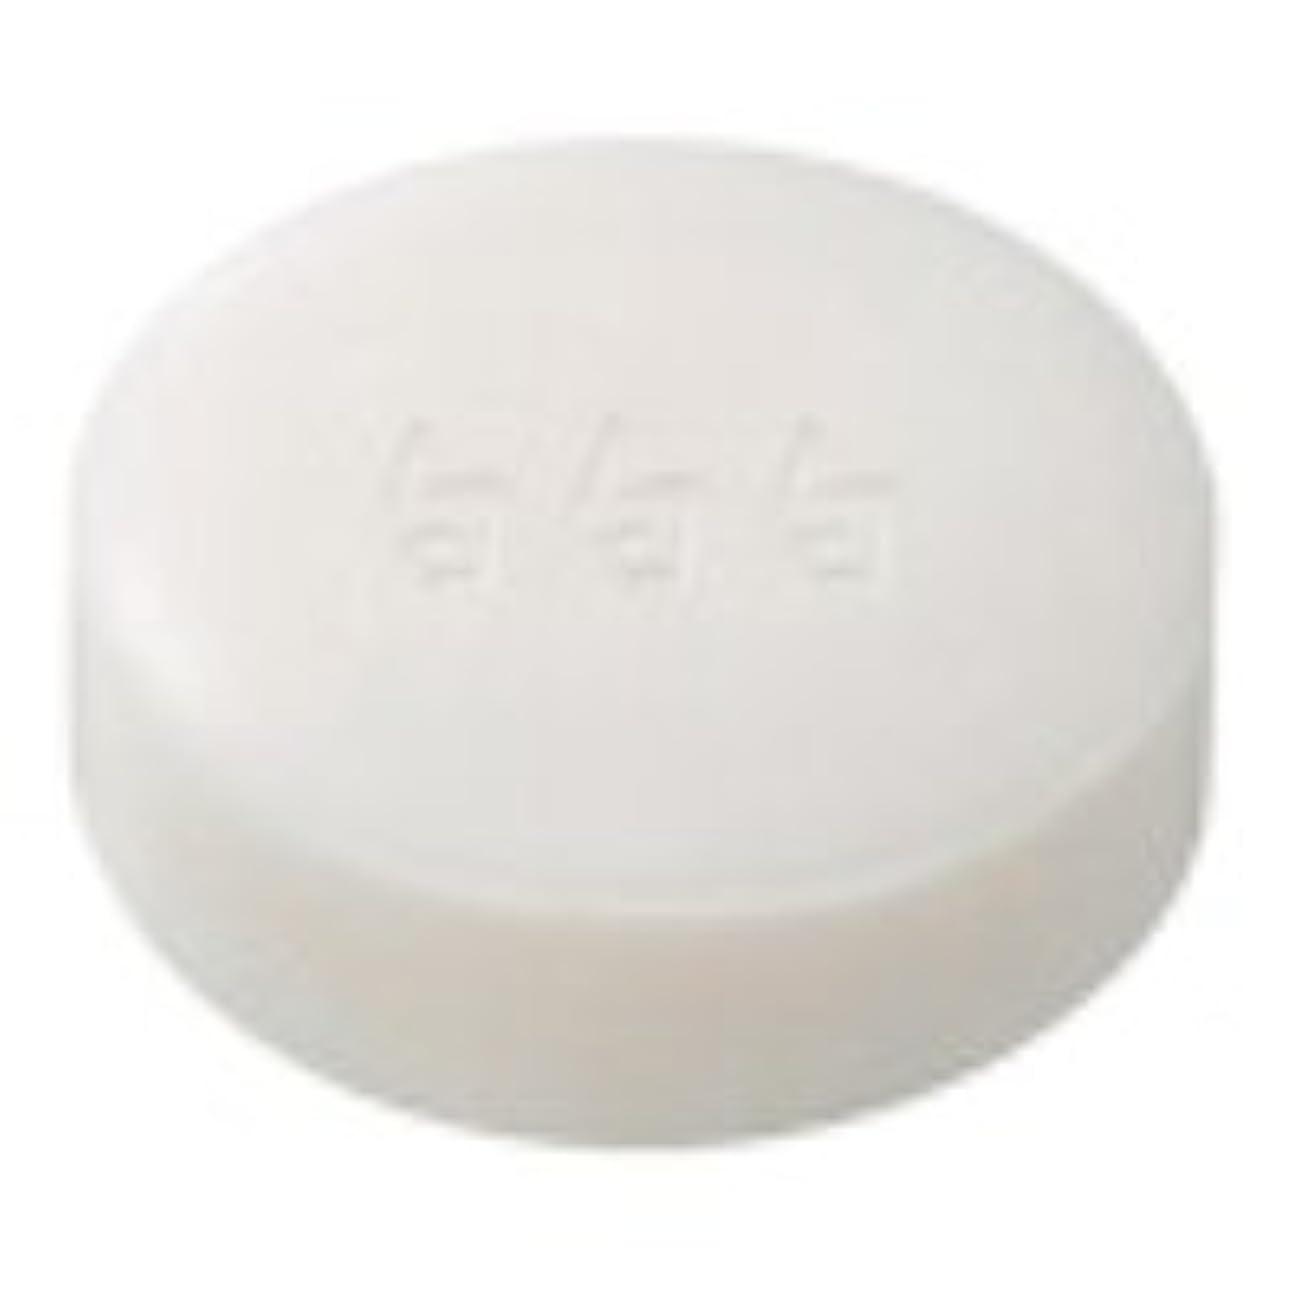 シンボル敏感な願望白白白ホワイトクリアソープ 90g